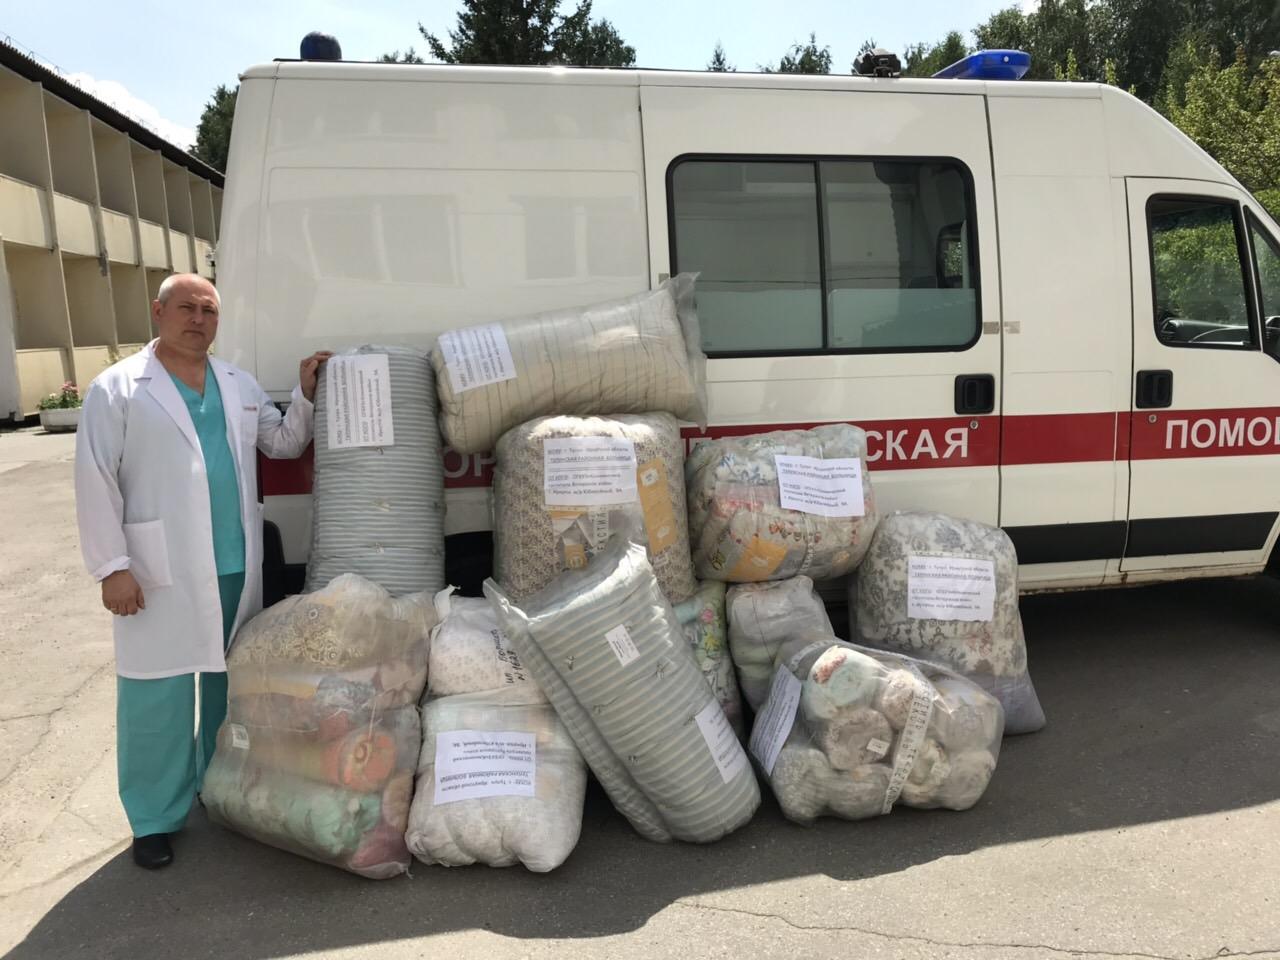 Сотрудники областного Госпиталя ветеранов войн отправили в Тулун гуманитарную помощь для коллег, пострадавших от наводнения